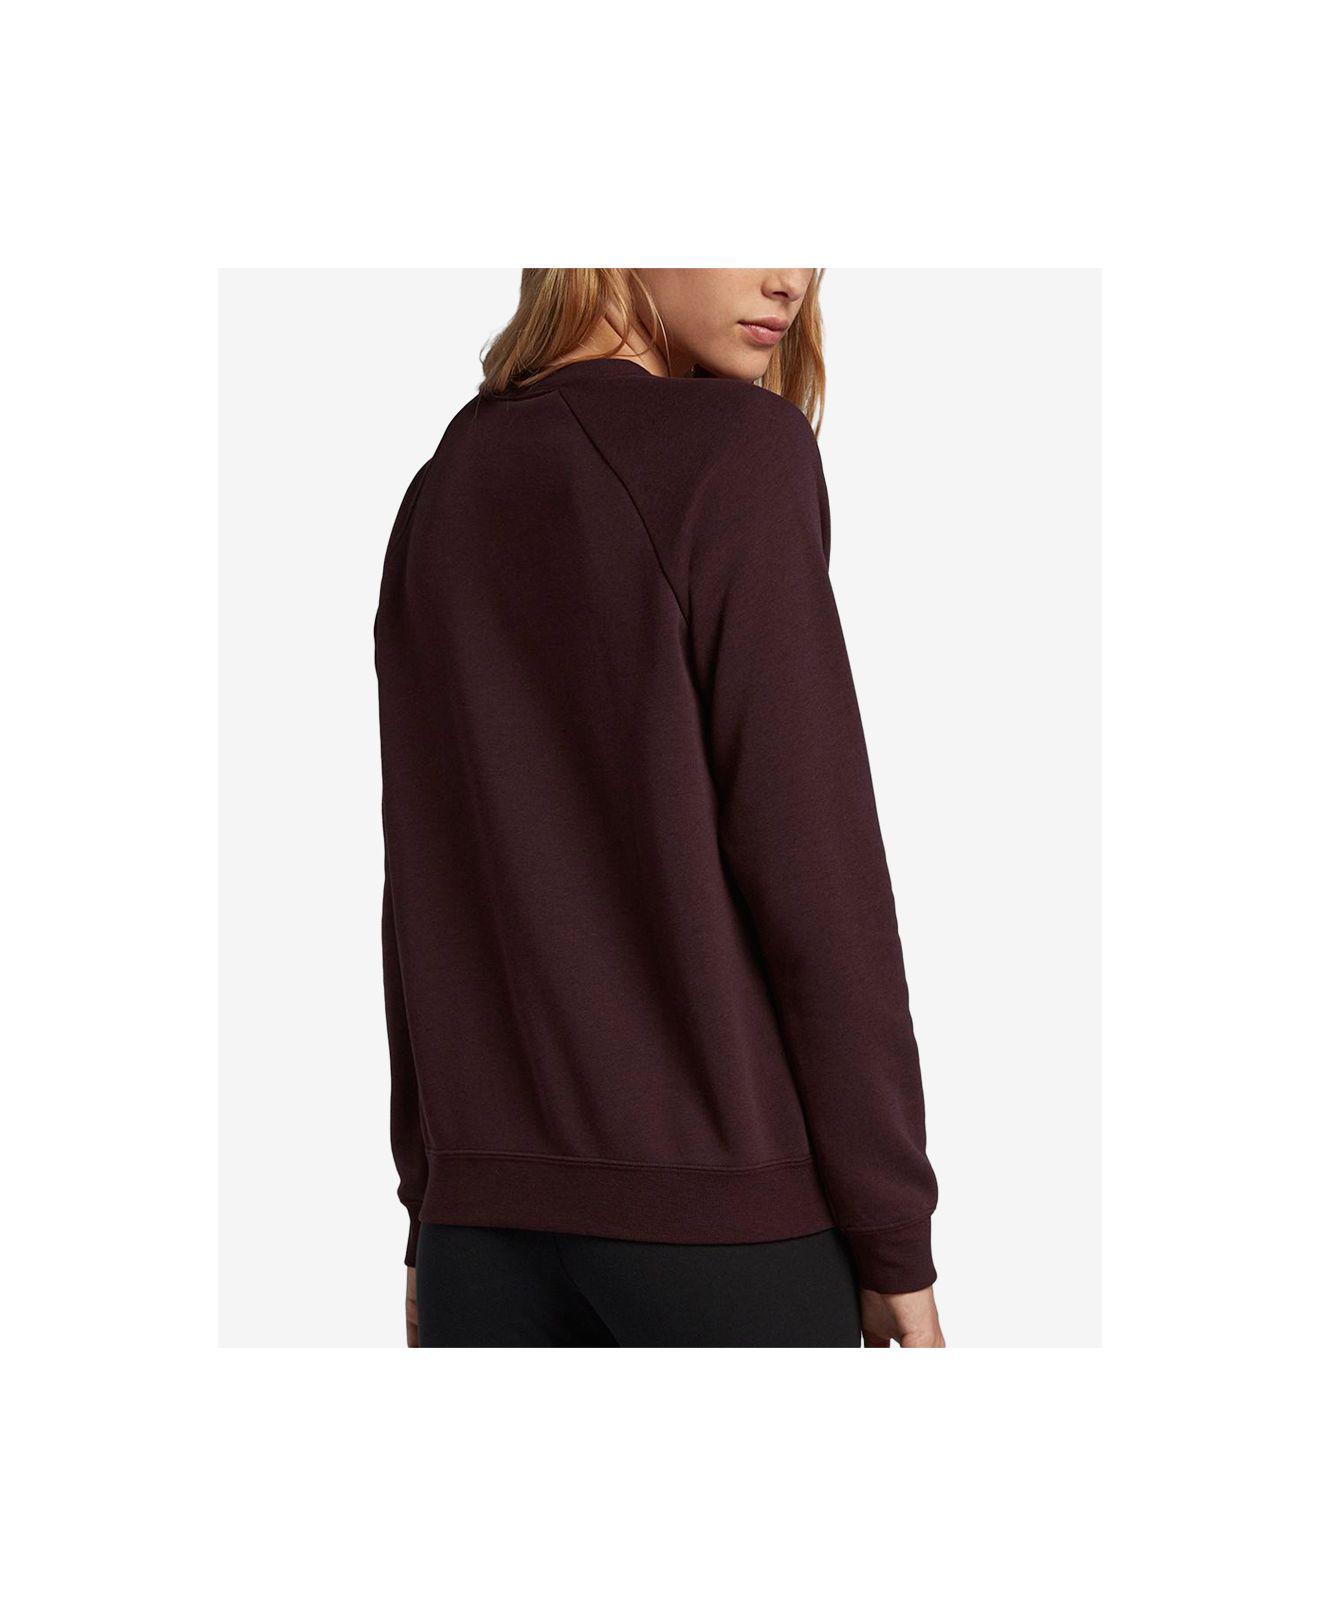 9a41d37ae11e Lyst - Nike Sportswear Rally Logo Fleece Sweatshirt in Purple